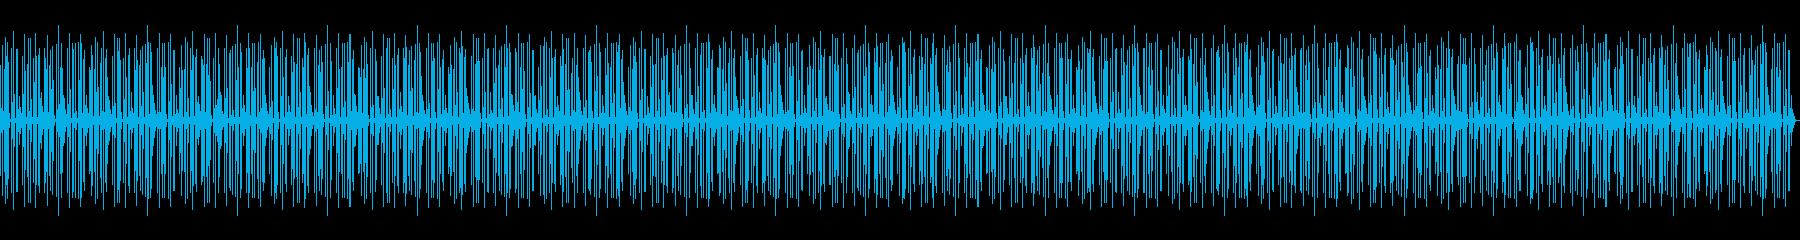 知育・番組・パズル・日常ピアノ35Lの再生済みの波形